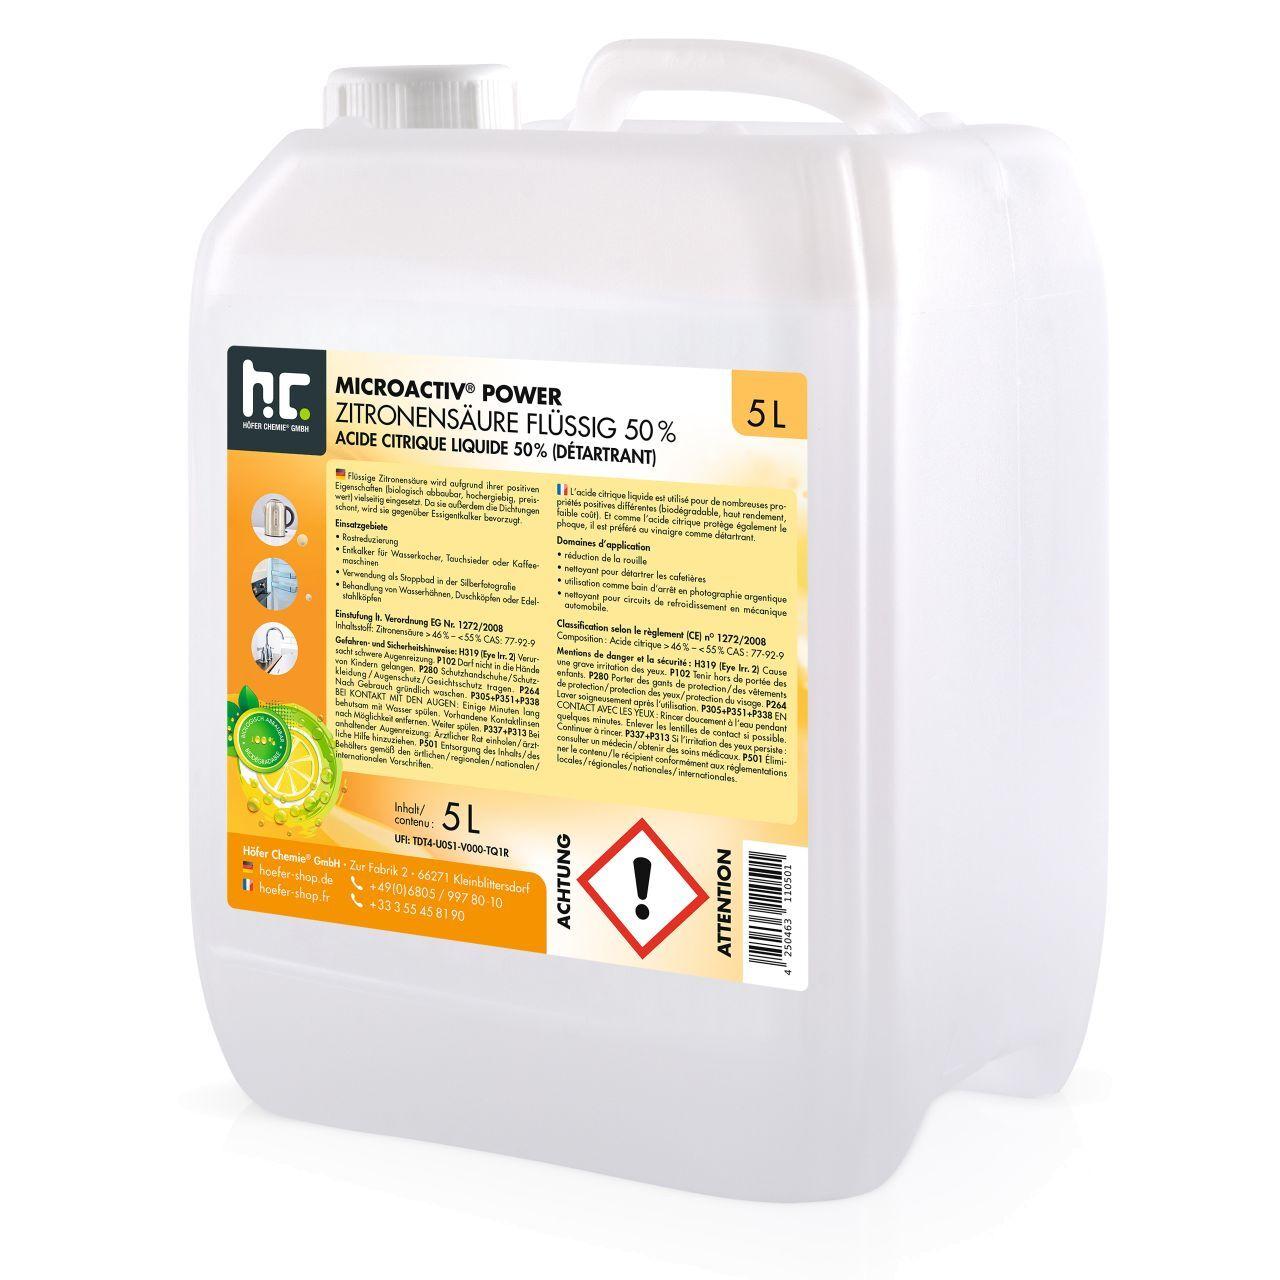 Höfer Chemie 20 l Acide Citrique Liquide 50% (4 x 5 l)